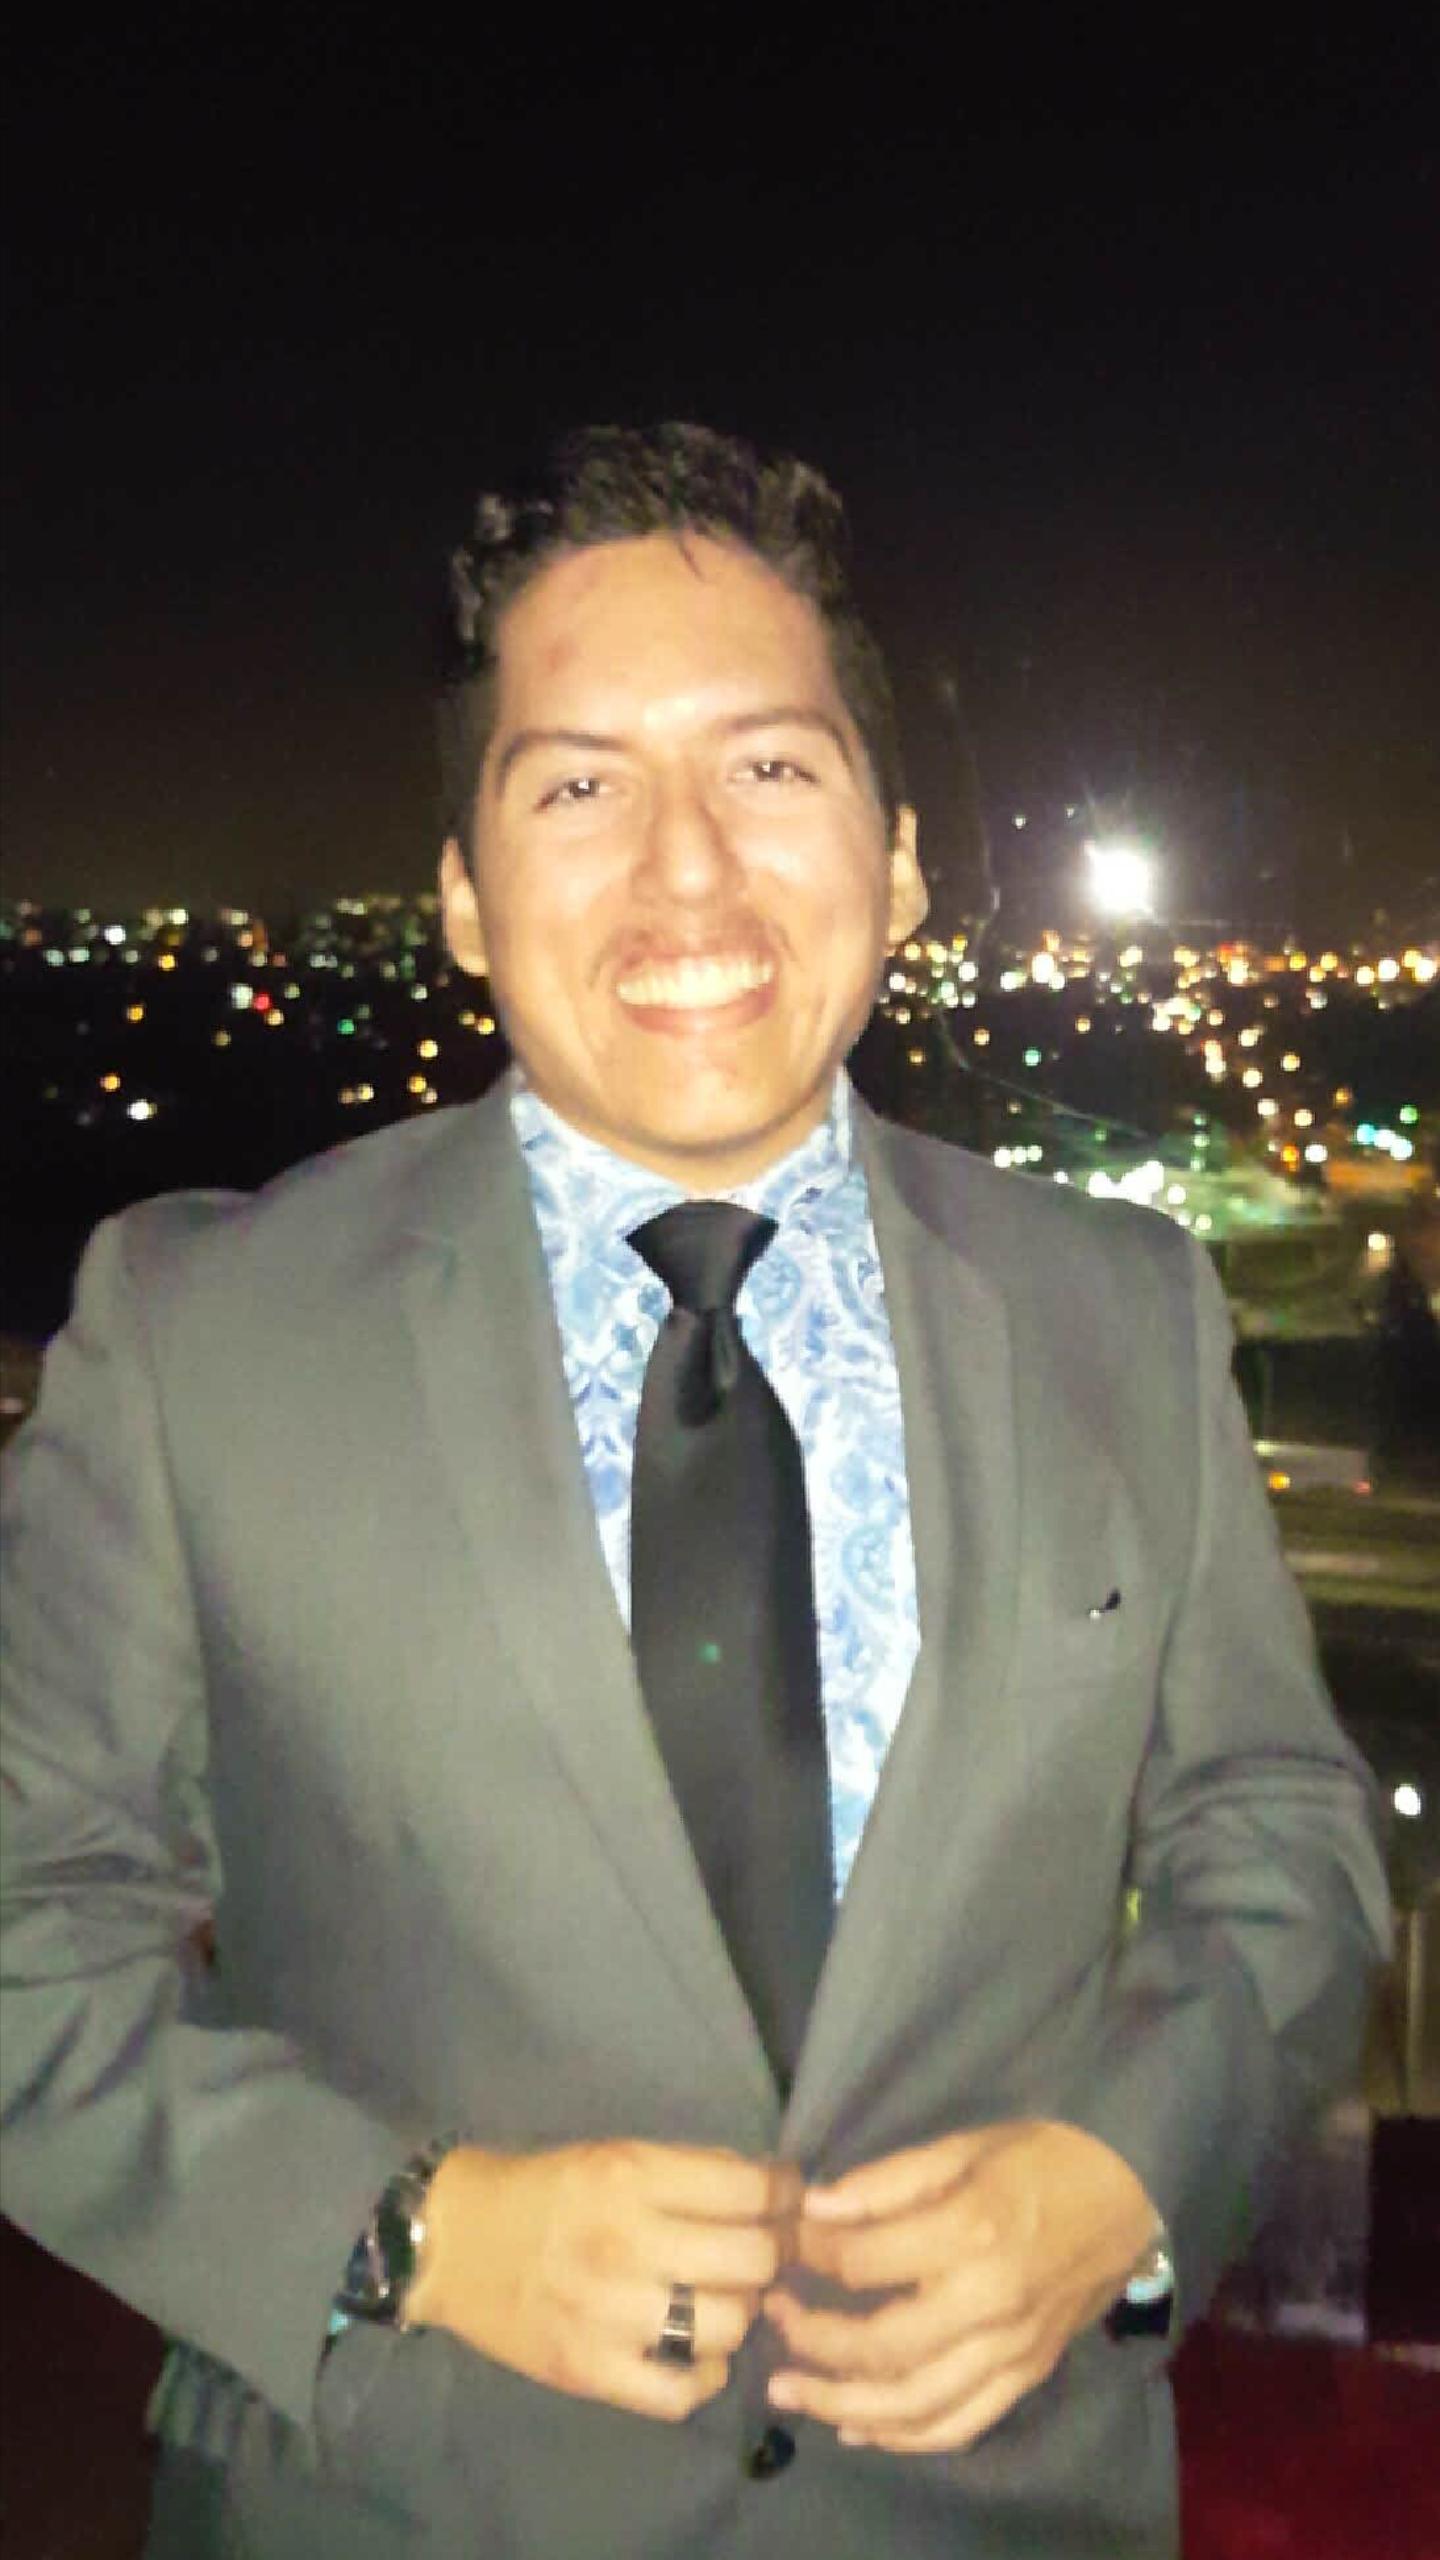 Allen Bernard Cabanillas